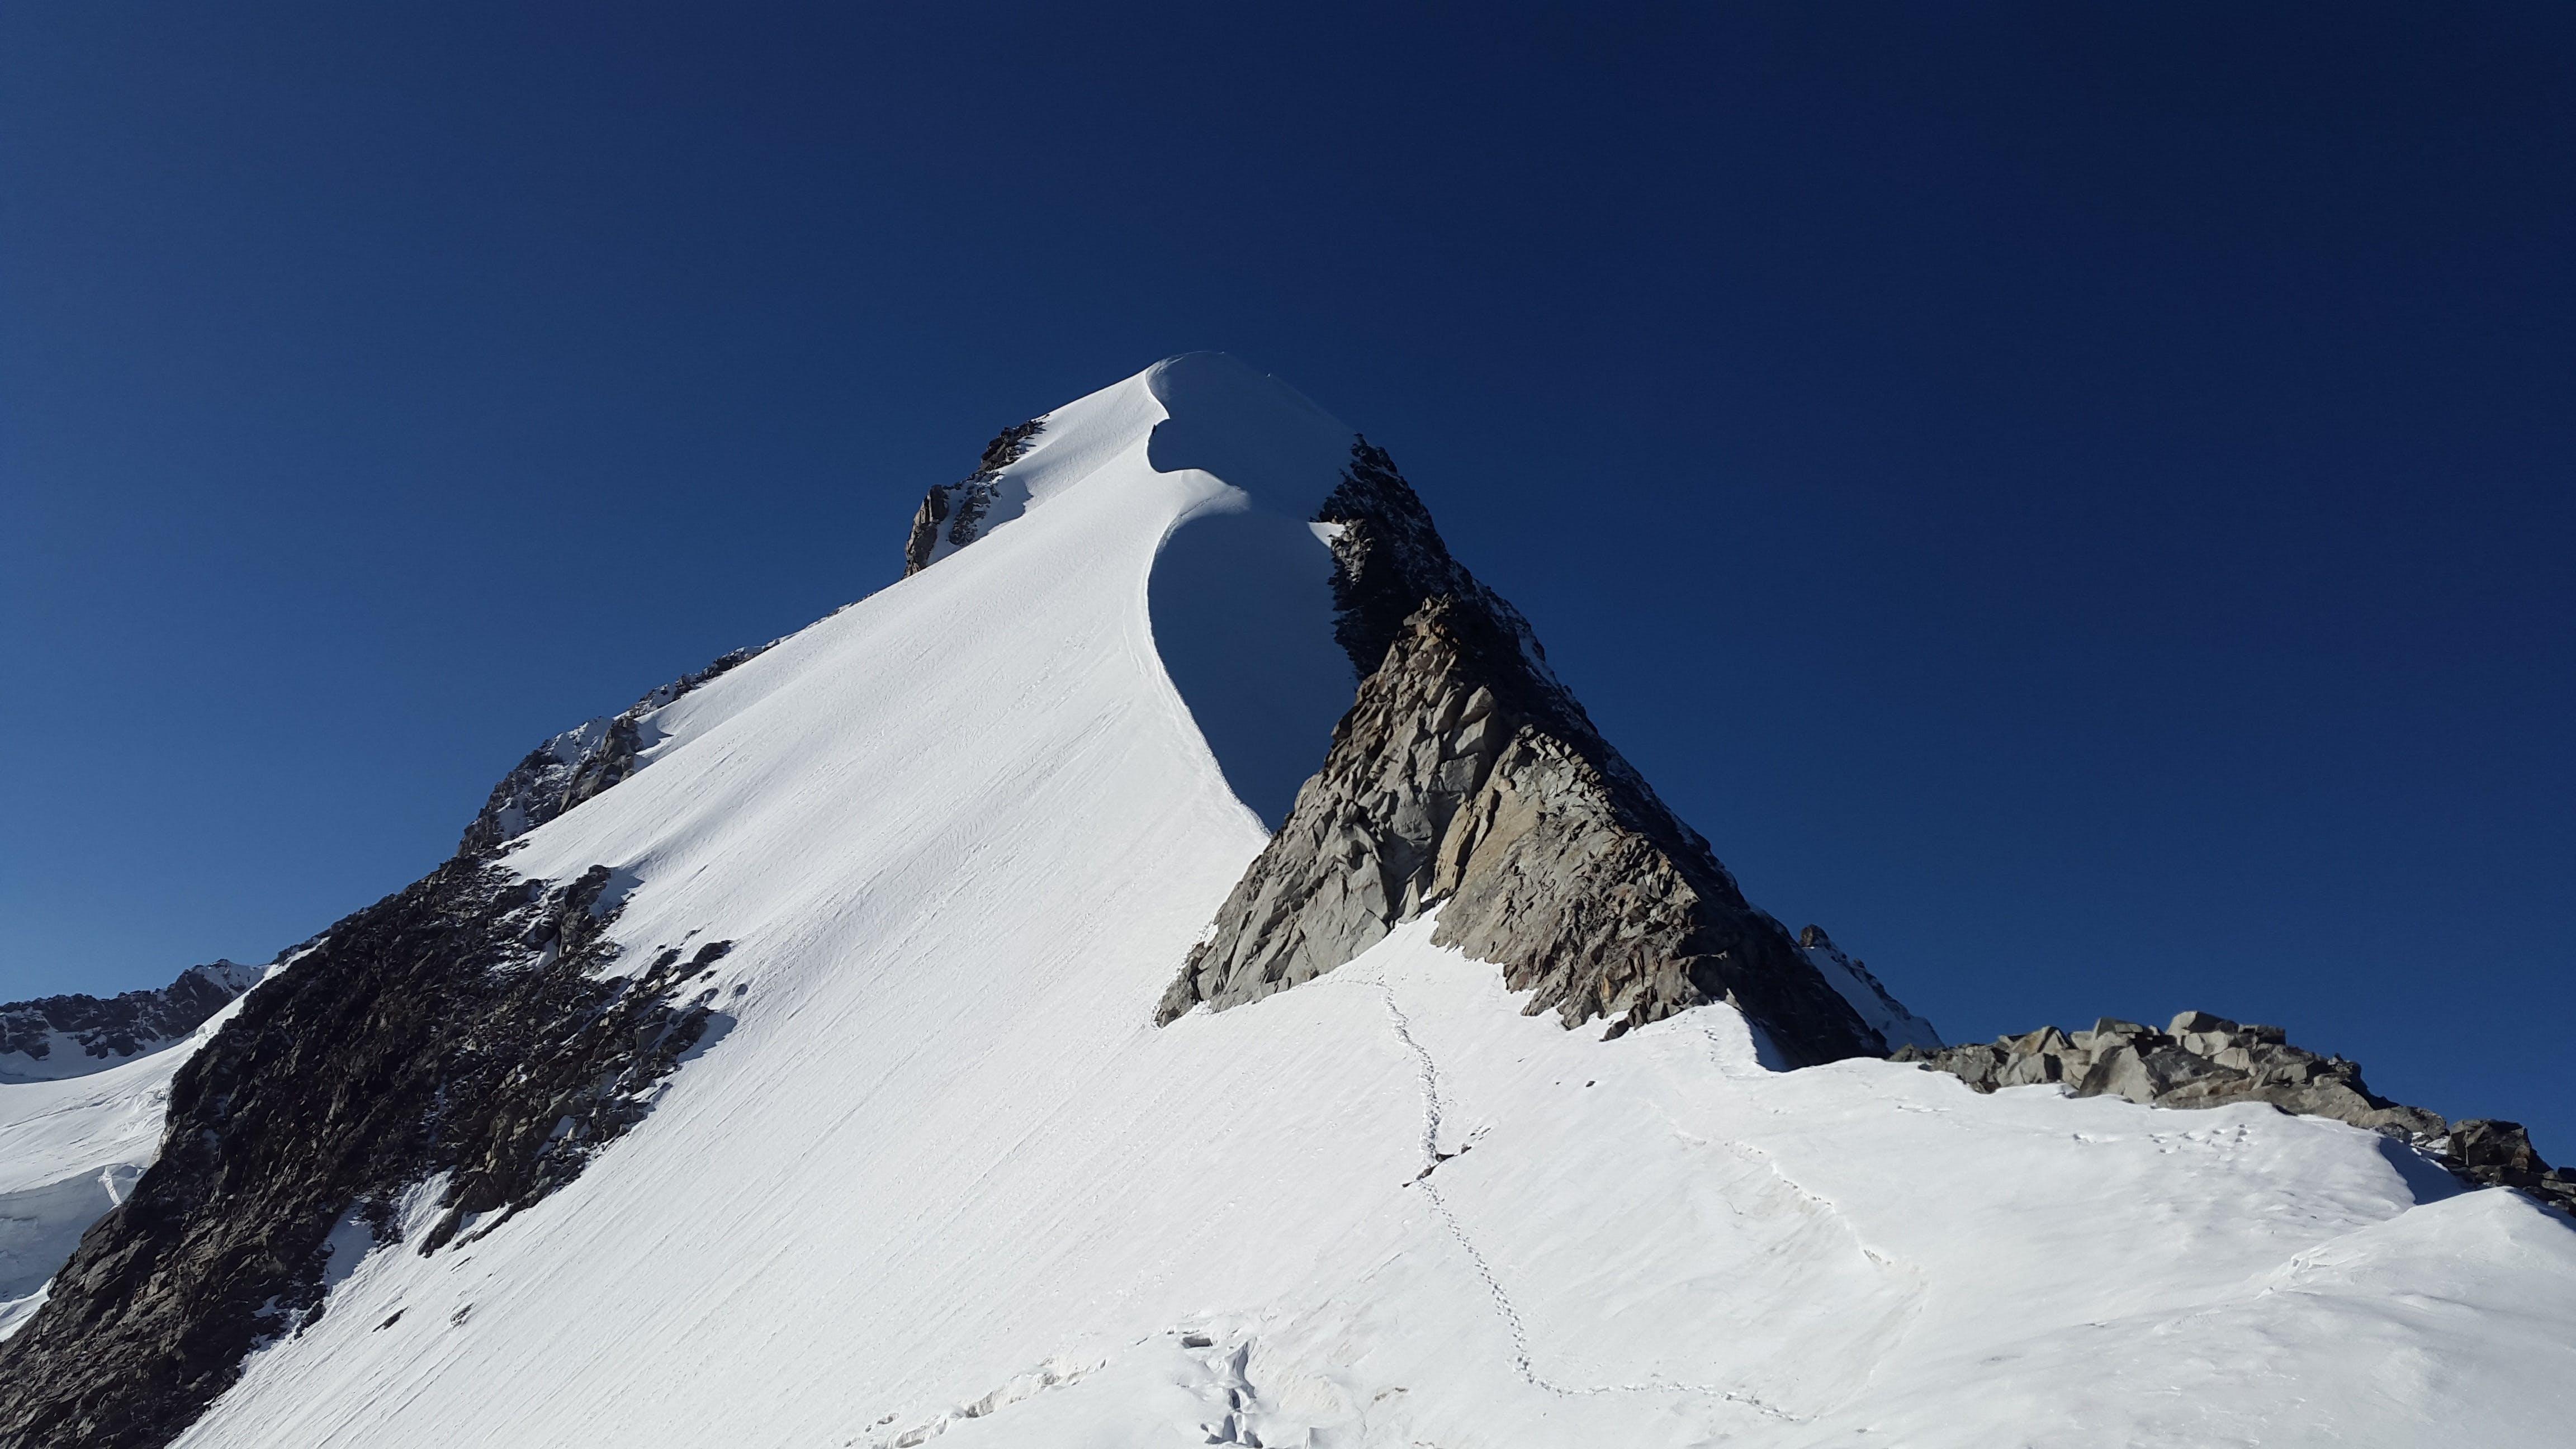 Mountain Range With Snow